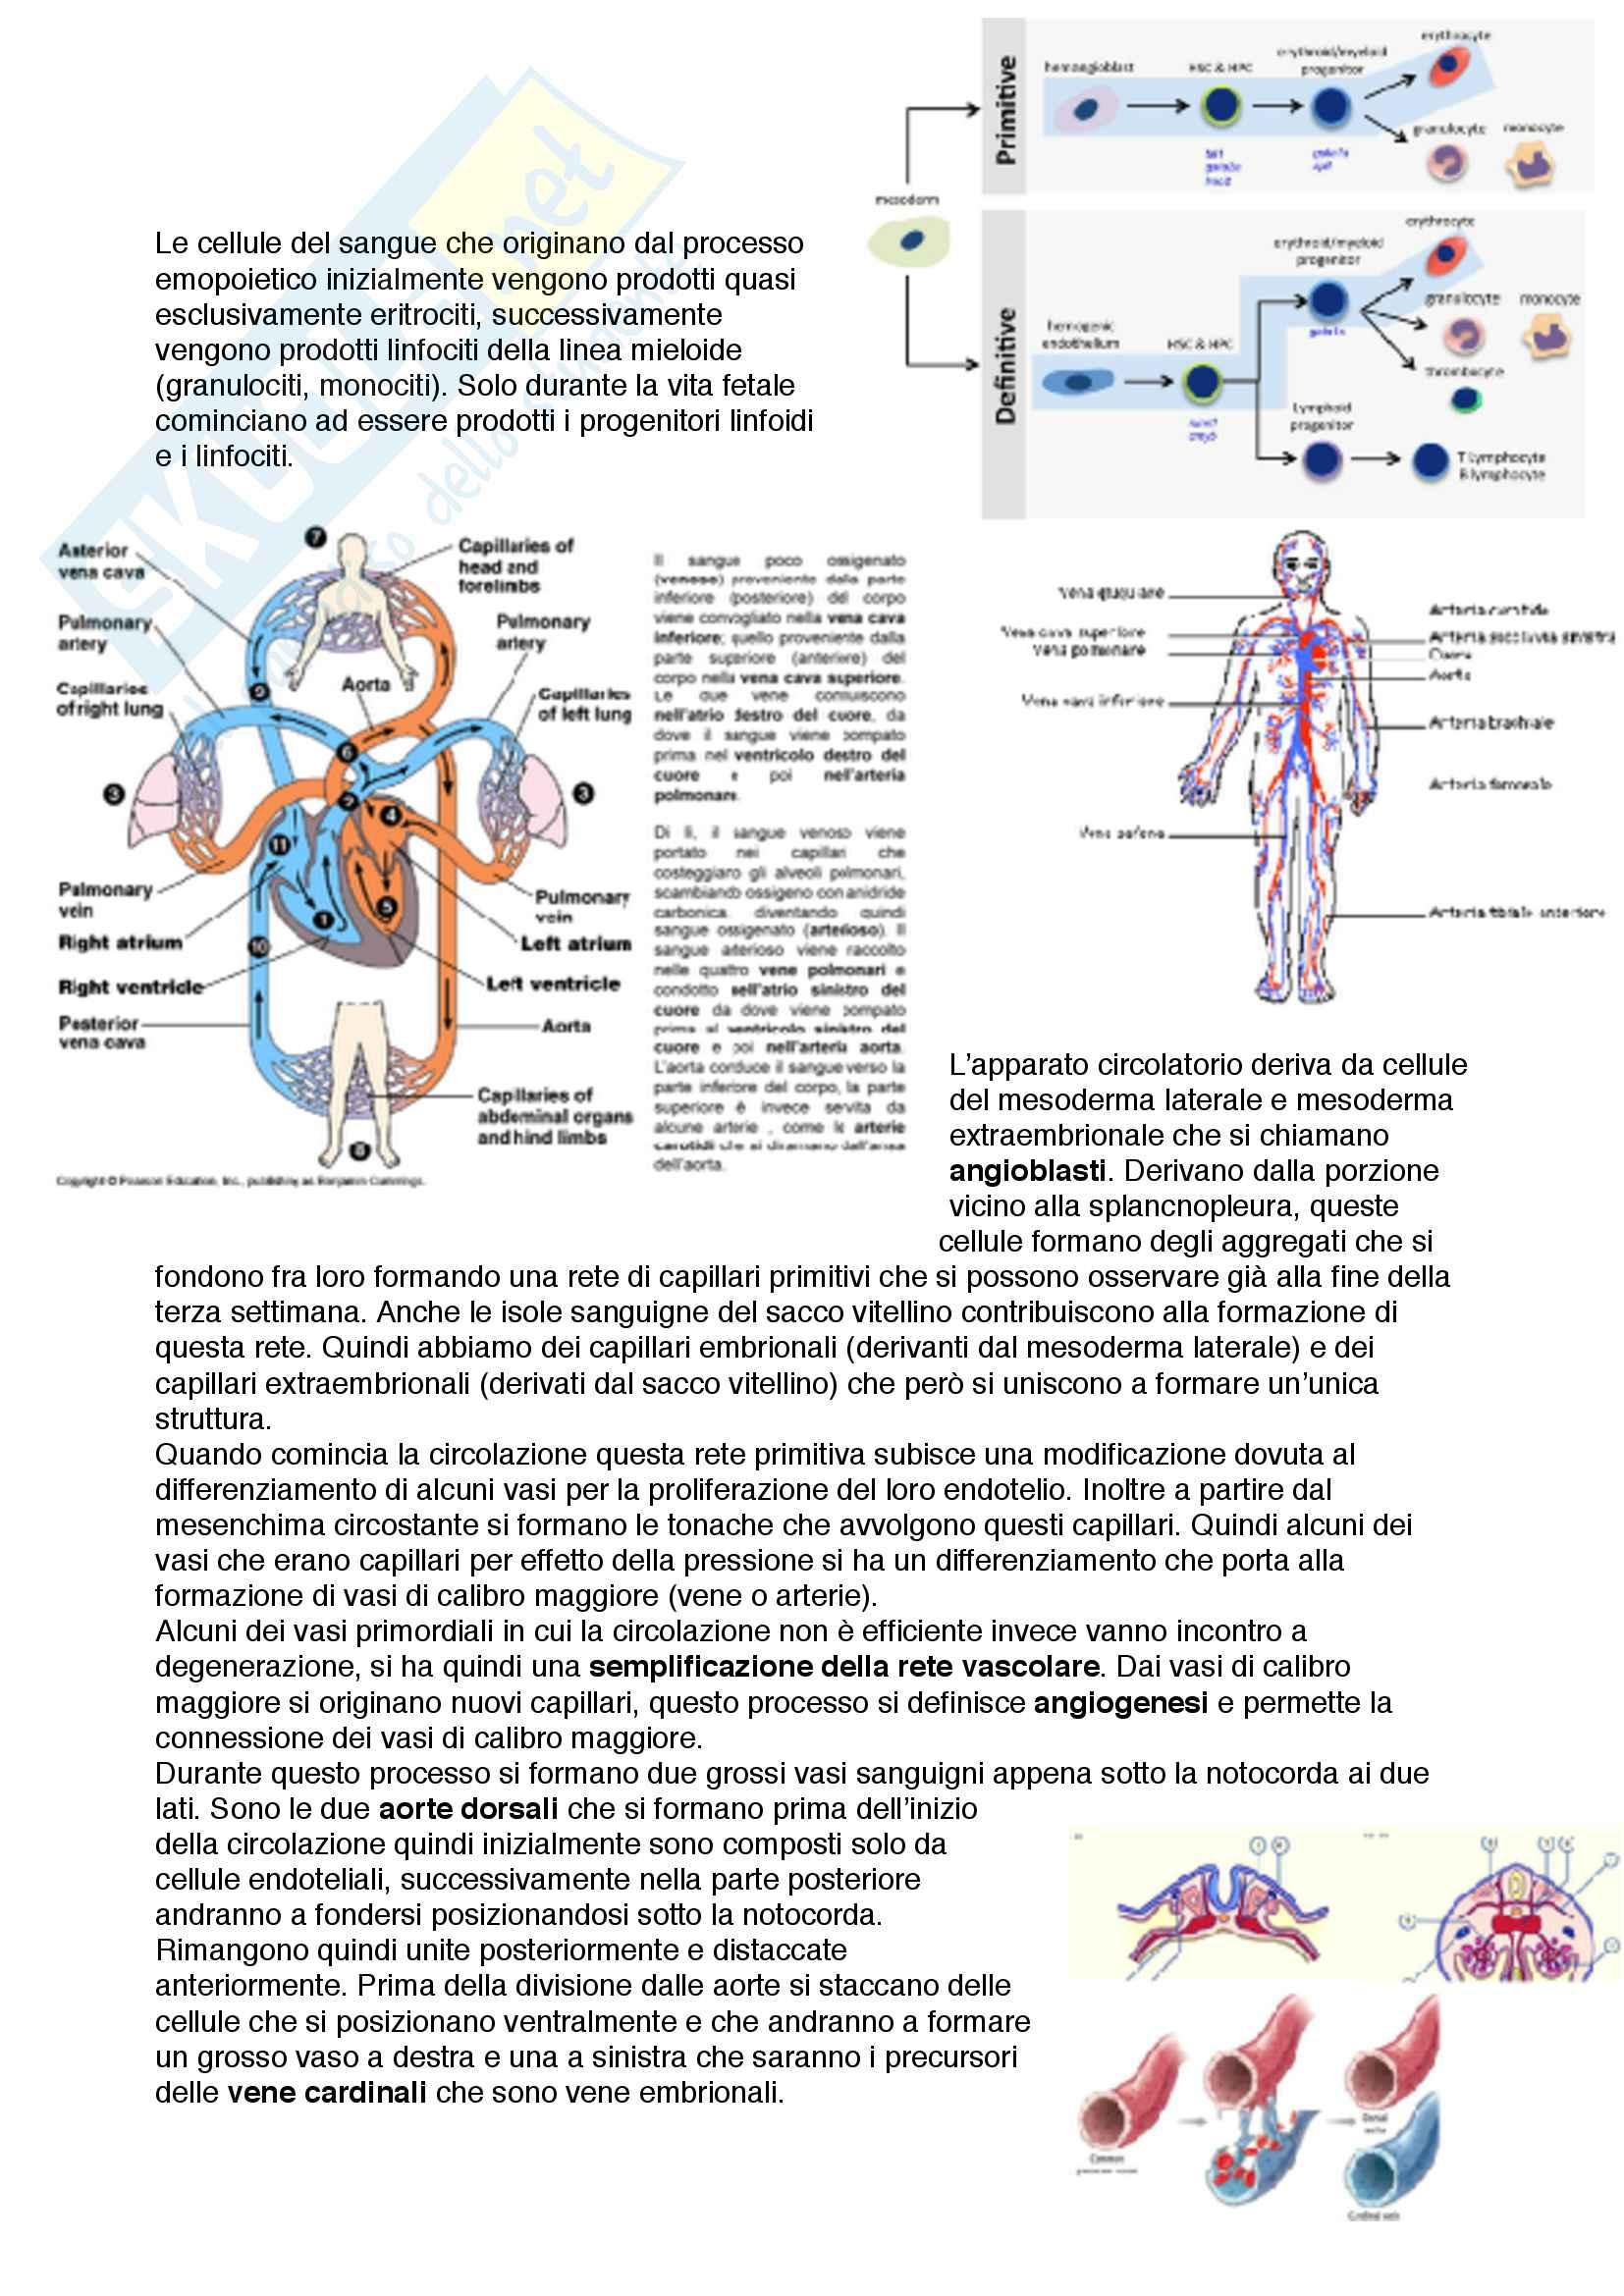 Documento completo con immagini per esame embriologia corso MED 3-4 Unipd Pag. 41